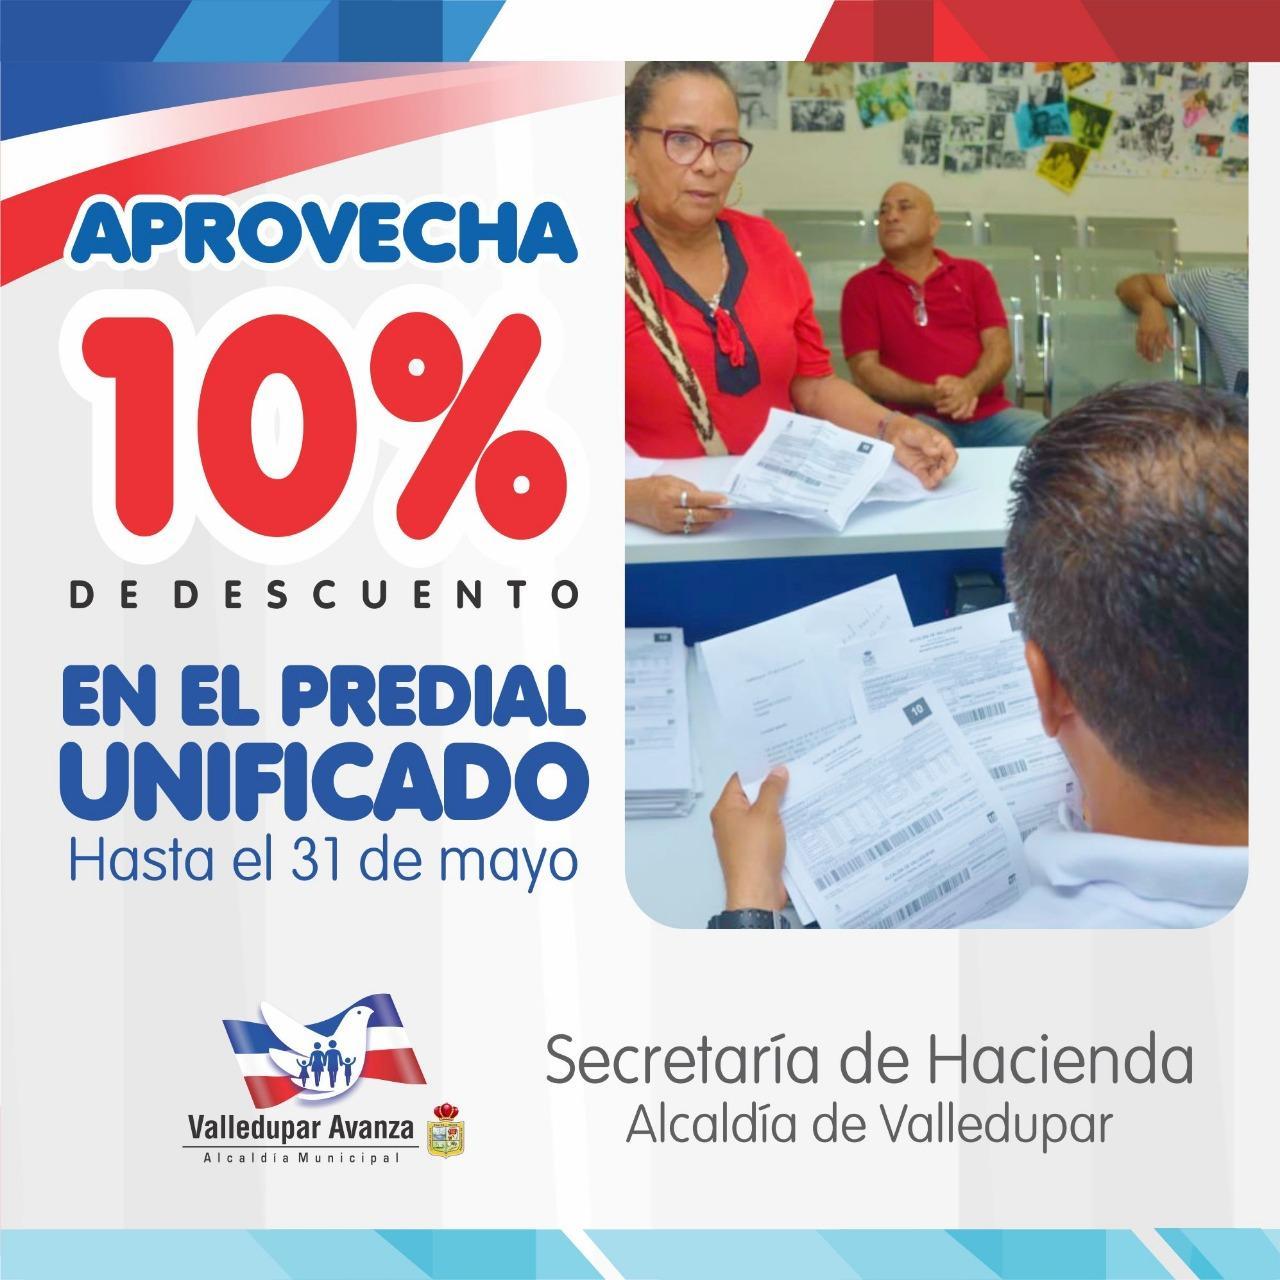 Valledupar: Hasta el 31 de mayo, contribuyentes del Predial cuentan con un 10% de descuento en su obligación